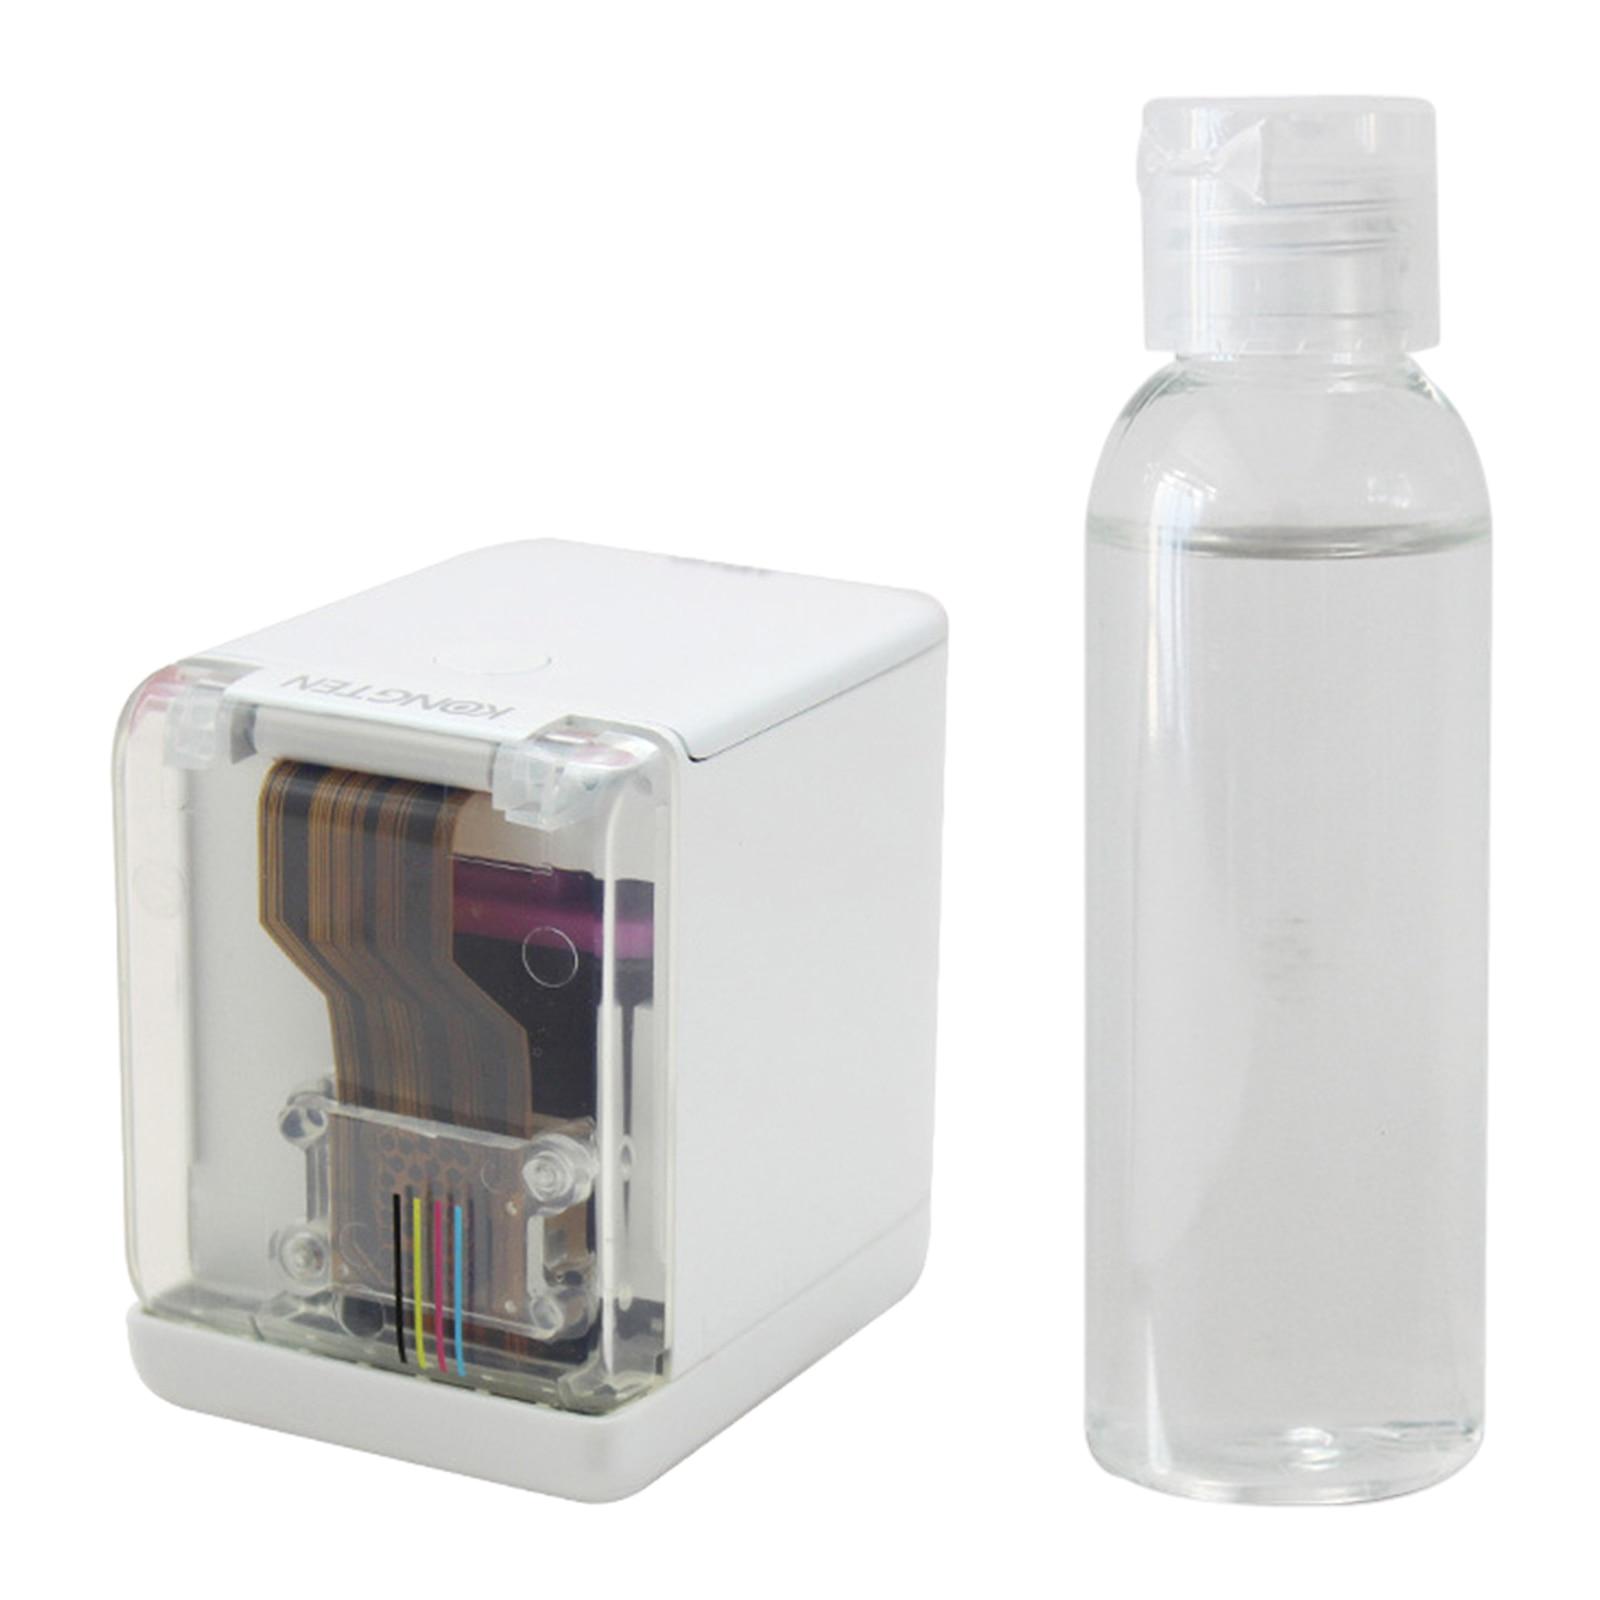 طابعة ملونة صغيرة محمولة (mفرش) USB سماعة لاسلكية تعمل بالبلوتوث طابعة ملونة محمولة مع خرطوشة حبر قياسية